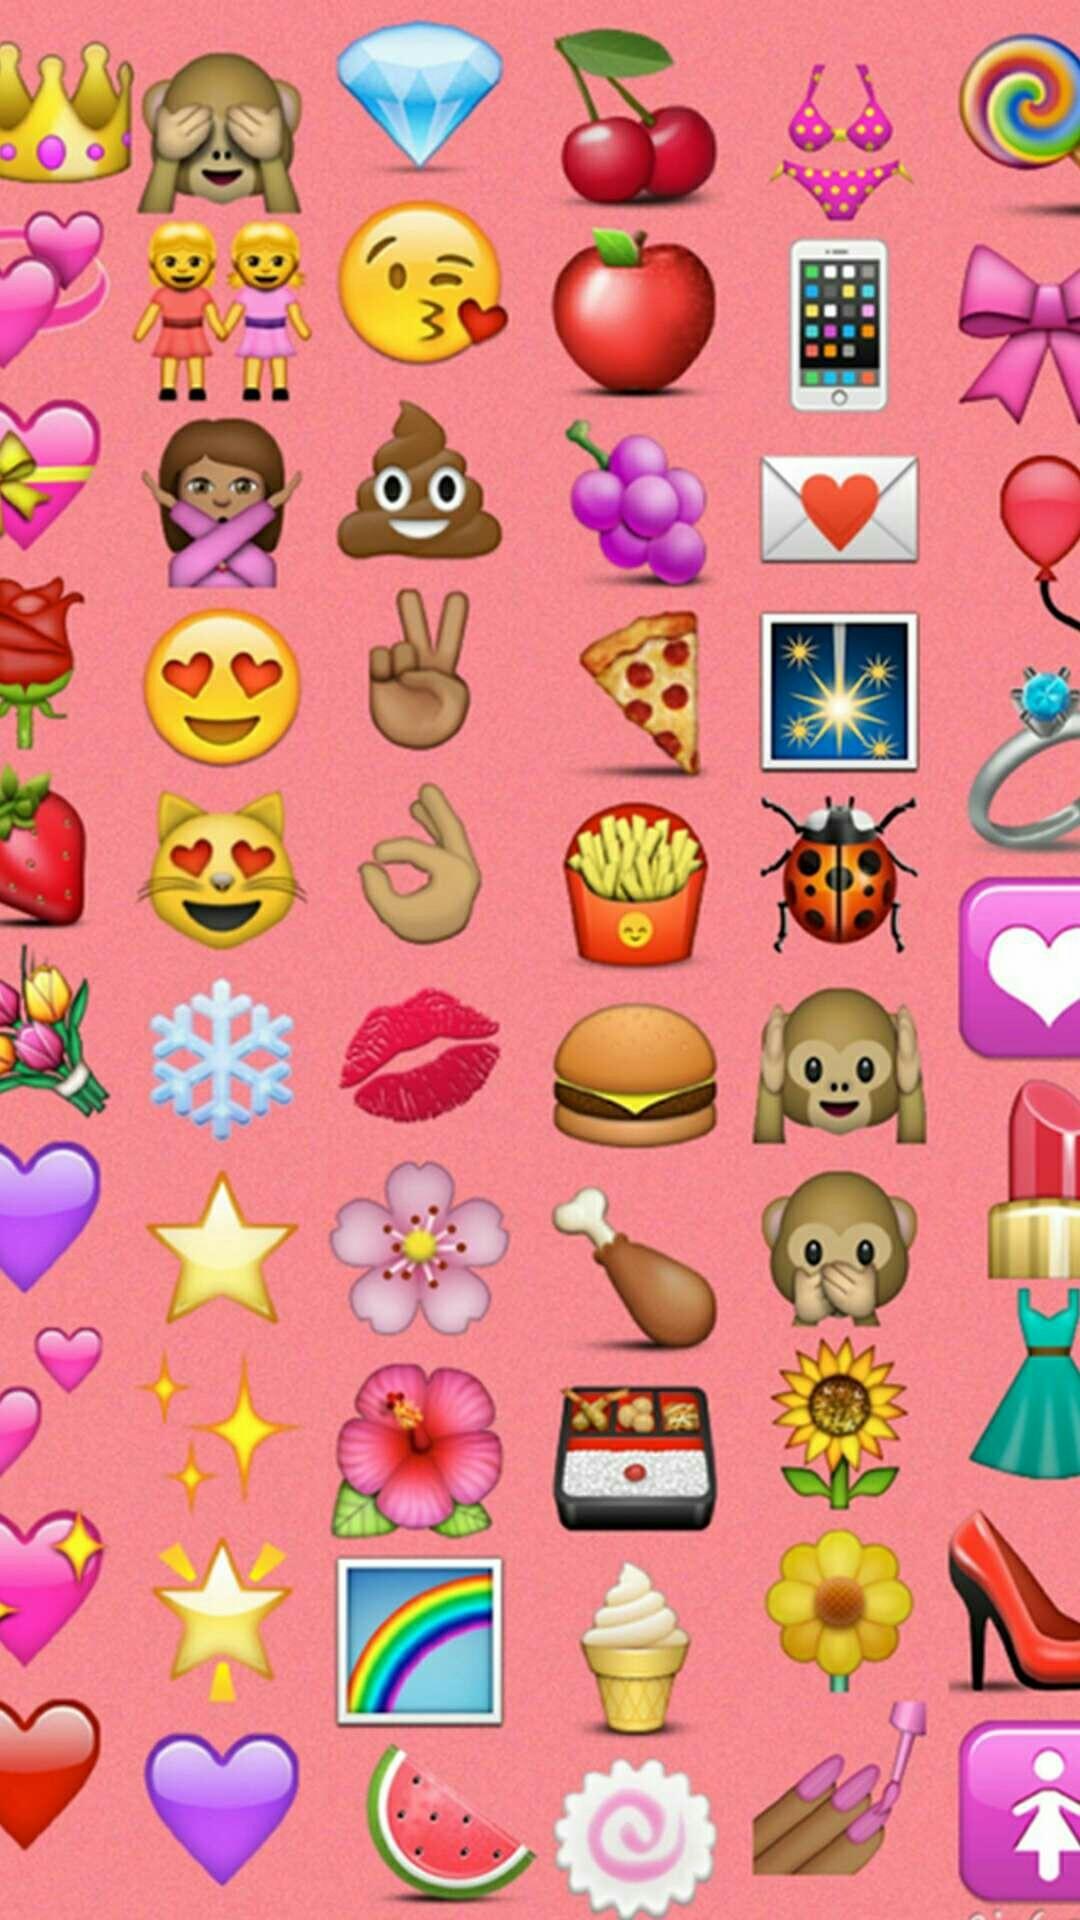 100 emoji wallpaper 48 images 1080x1920 emoji wallpaper emojis buycottarizona